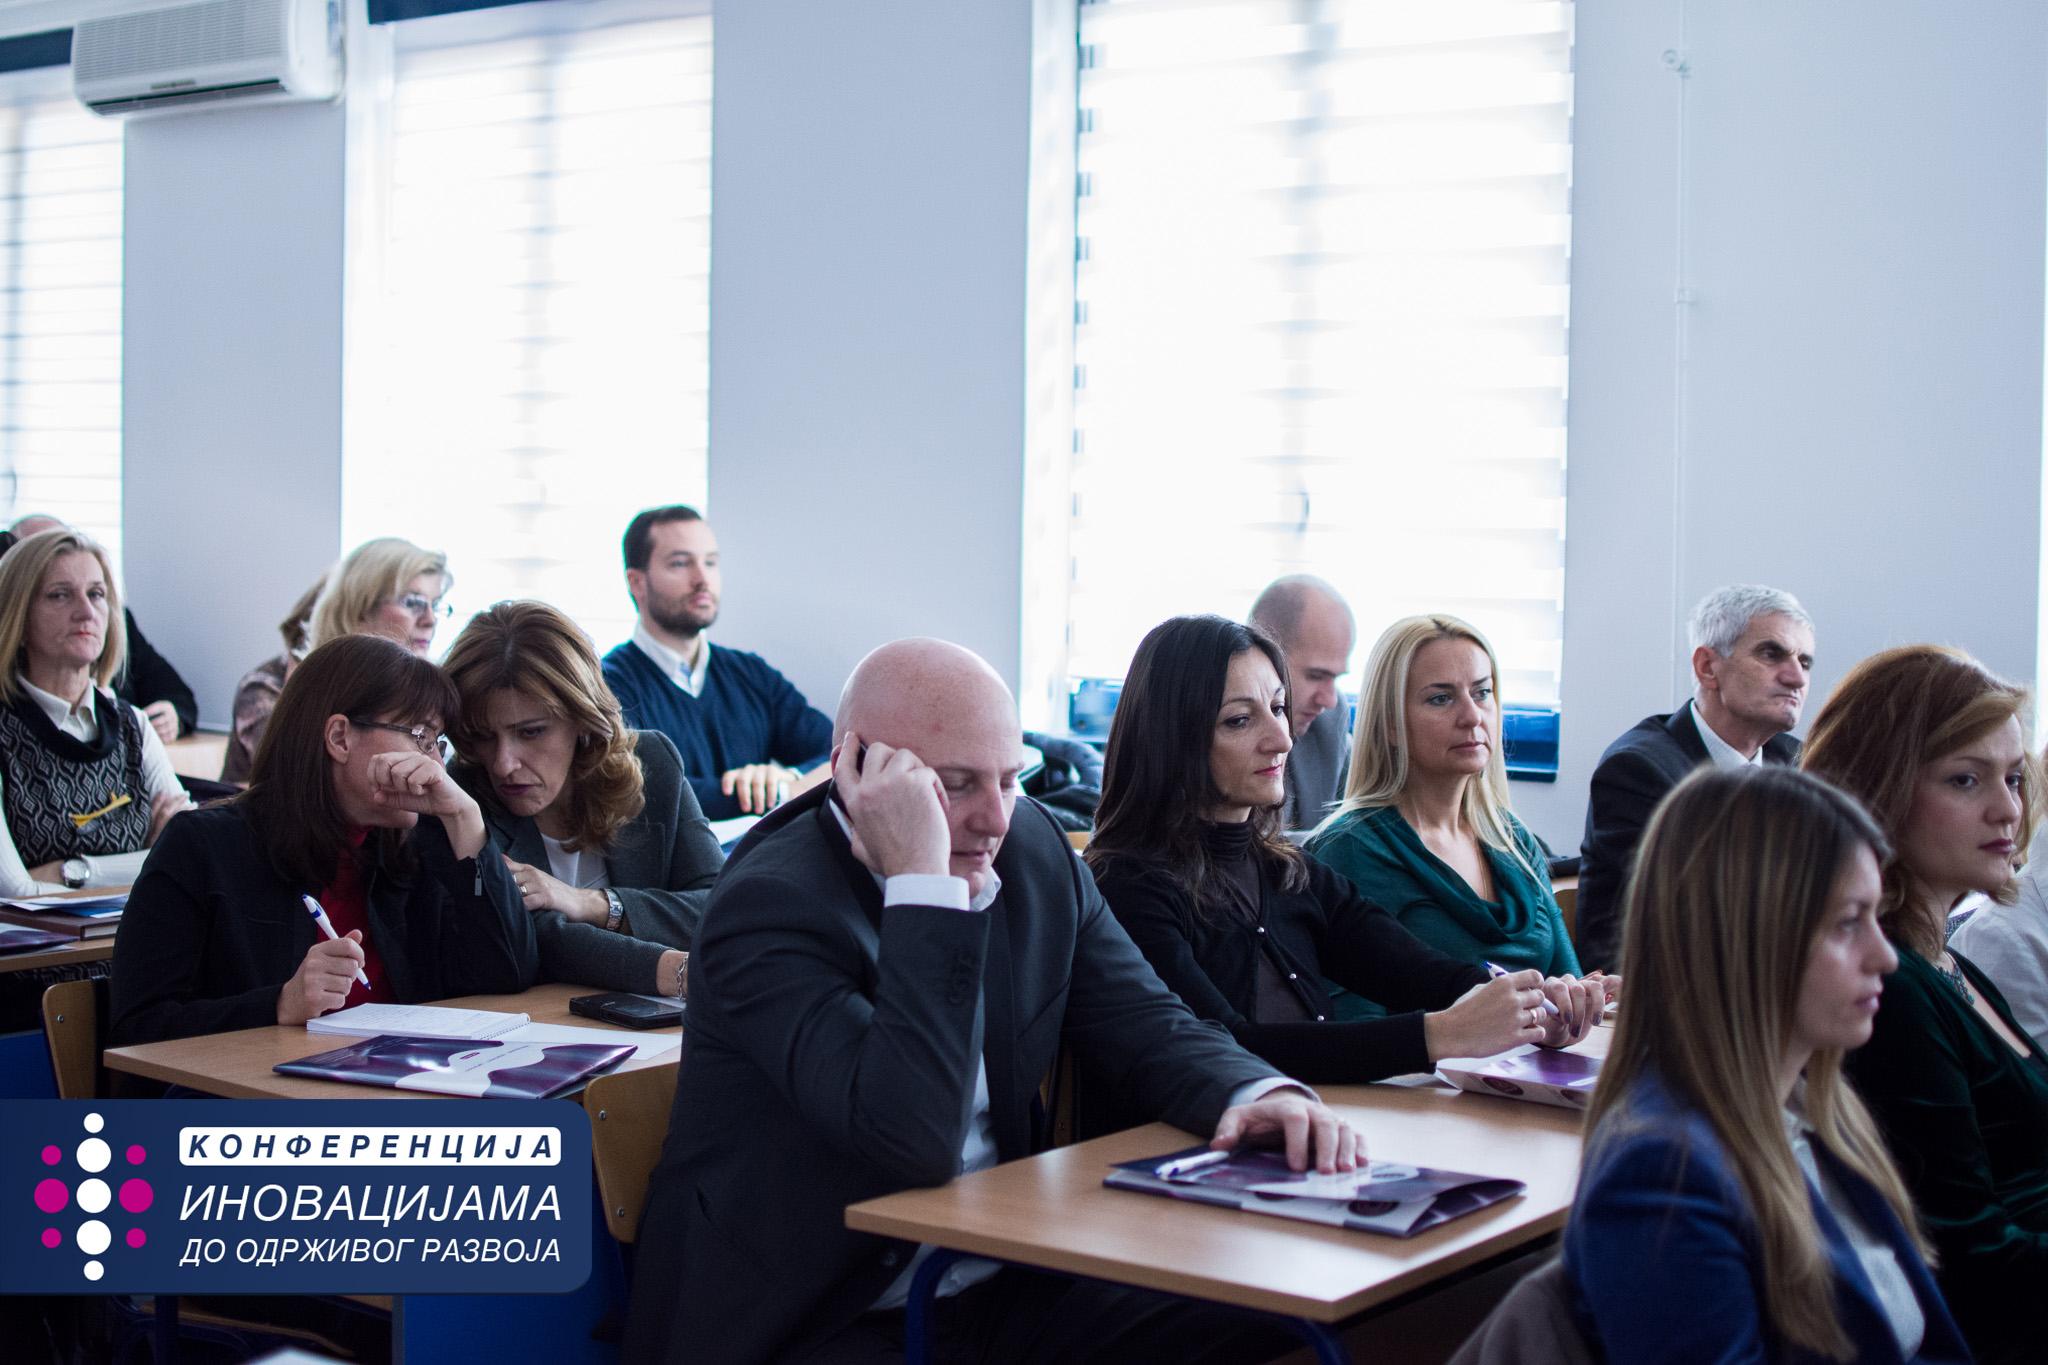 MEF Fakultet - izvestaj sa konferencije 36